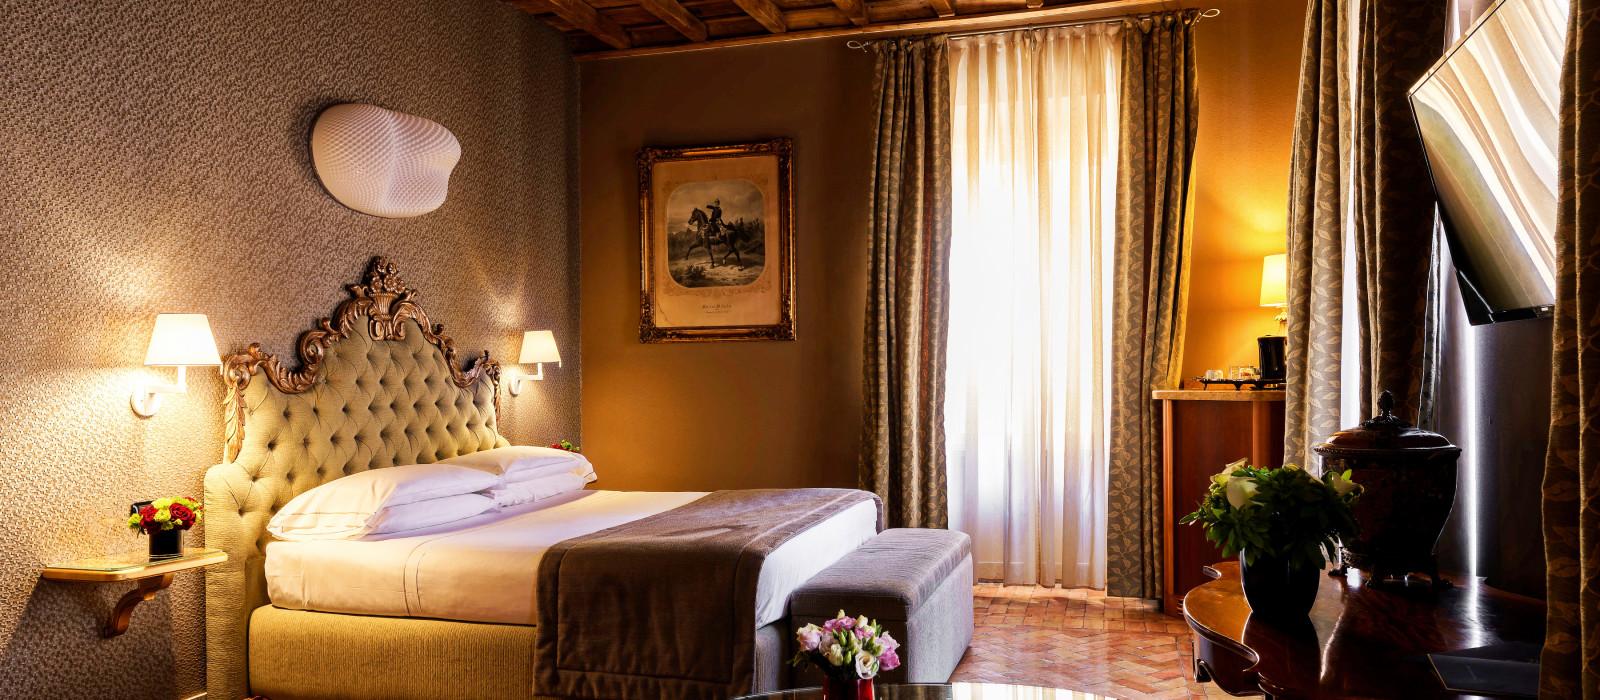 Hotel  Valadier Italy